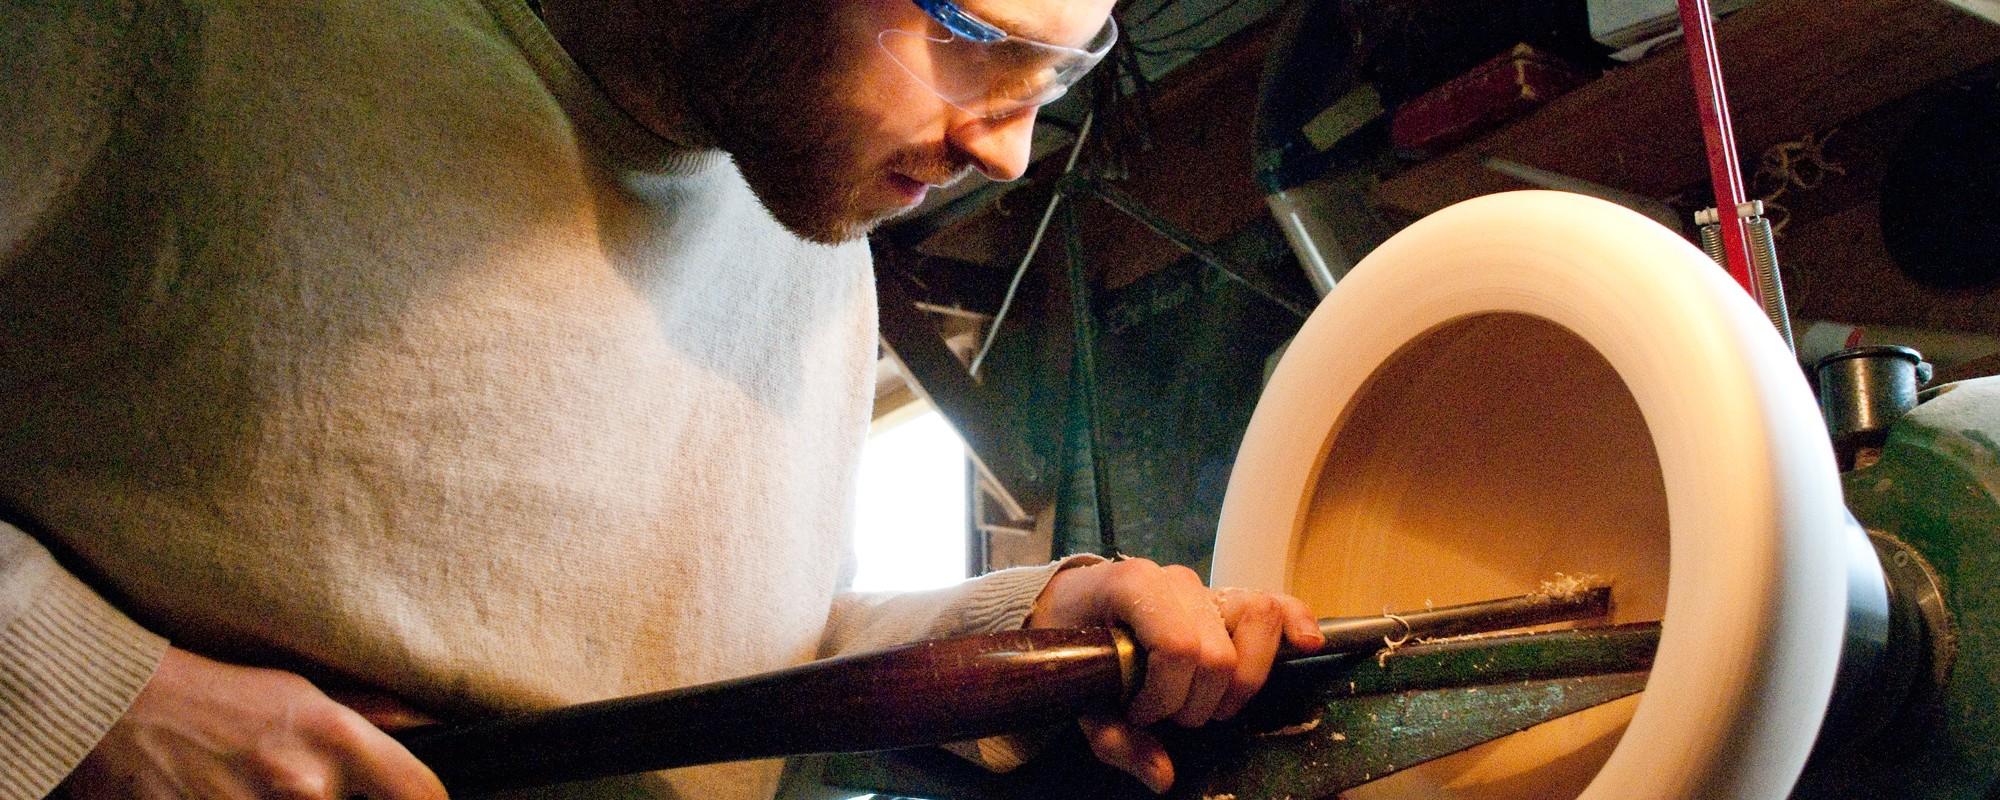 Making-the-bowls-header